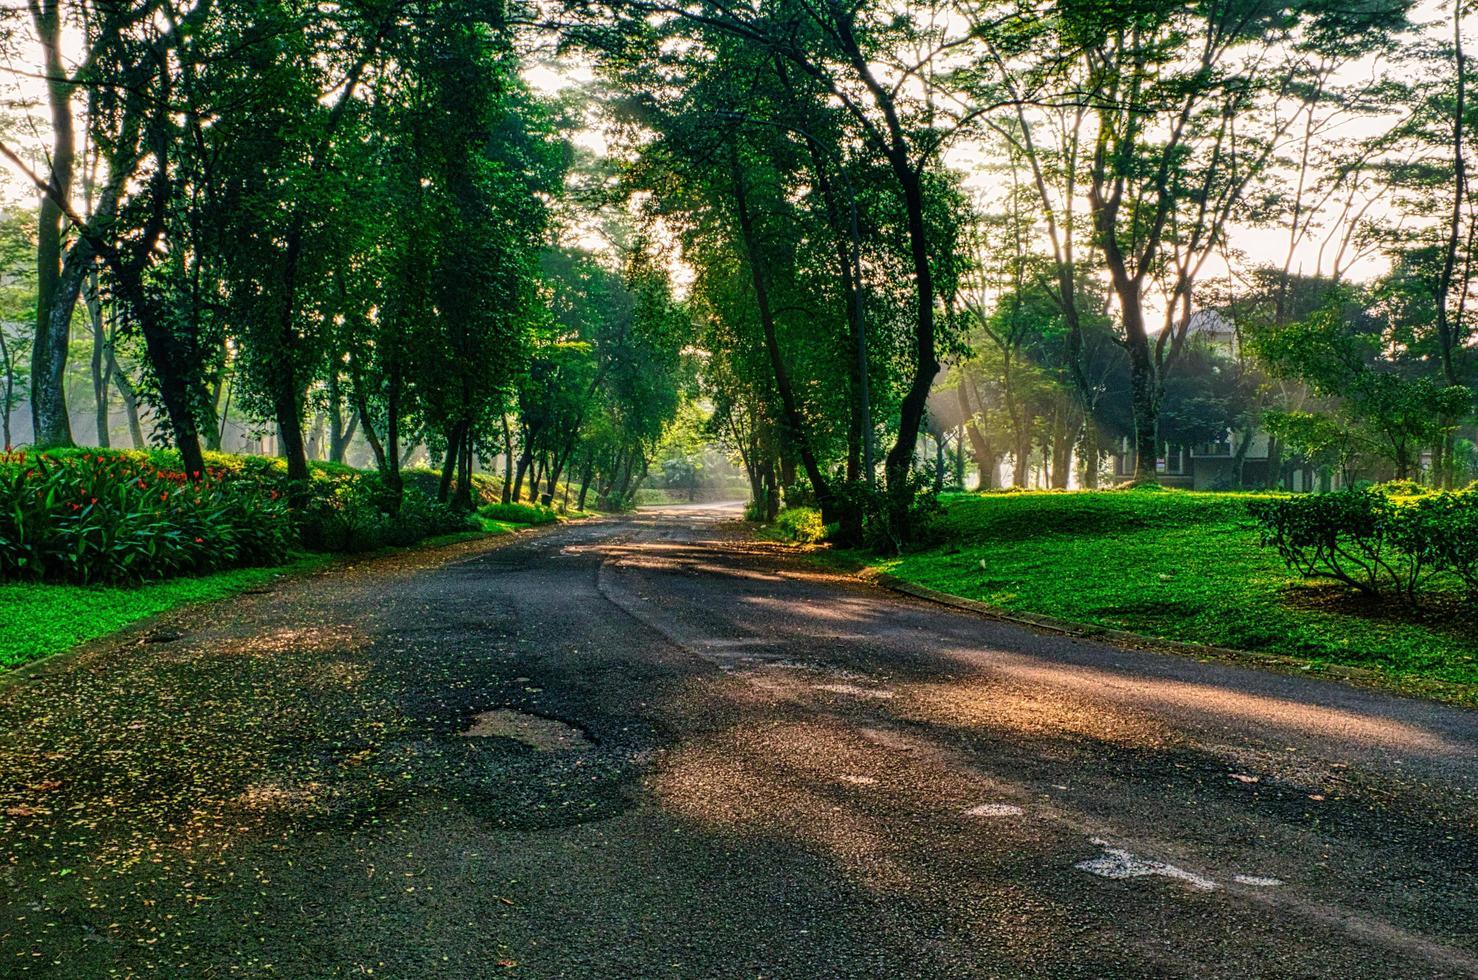 zonneschijn op de weg foto